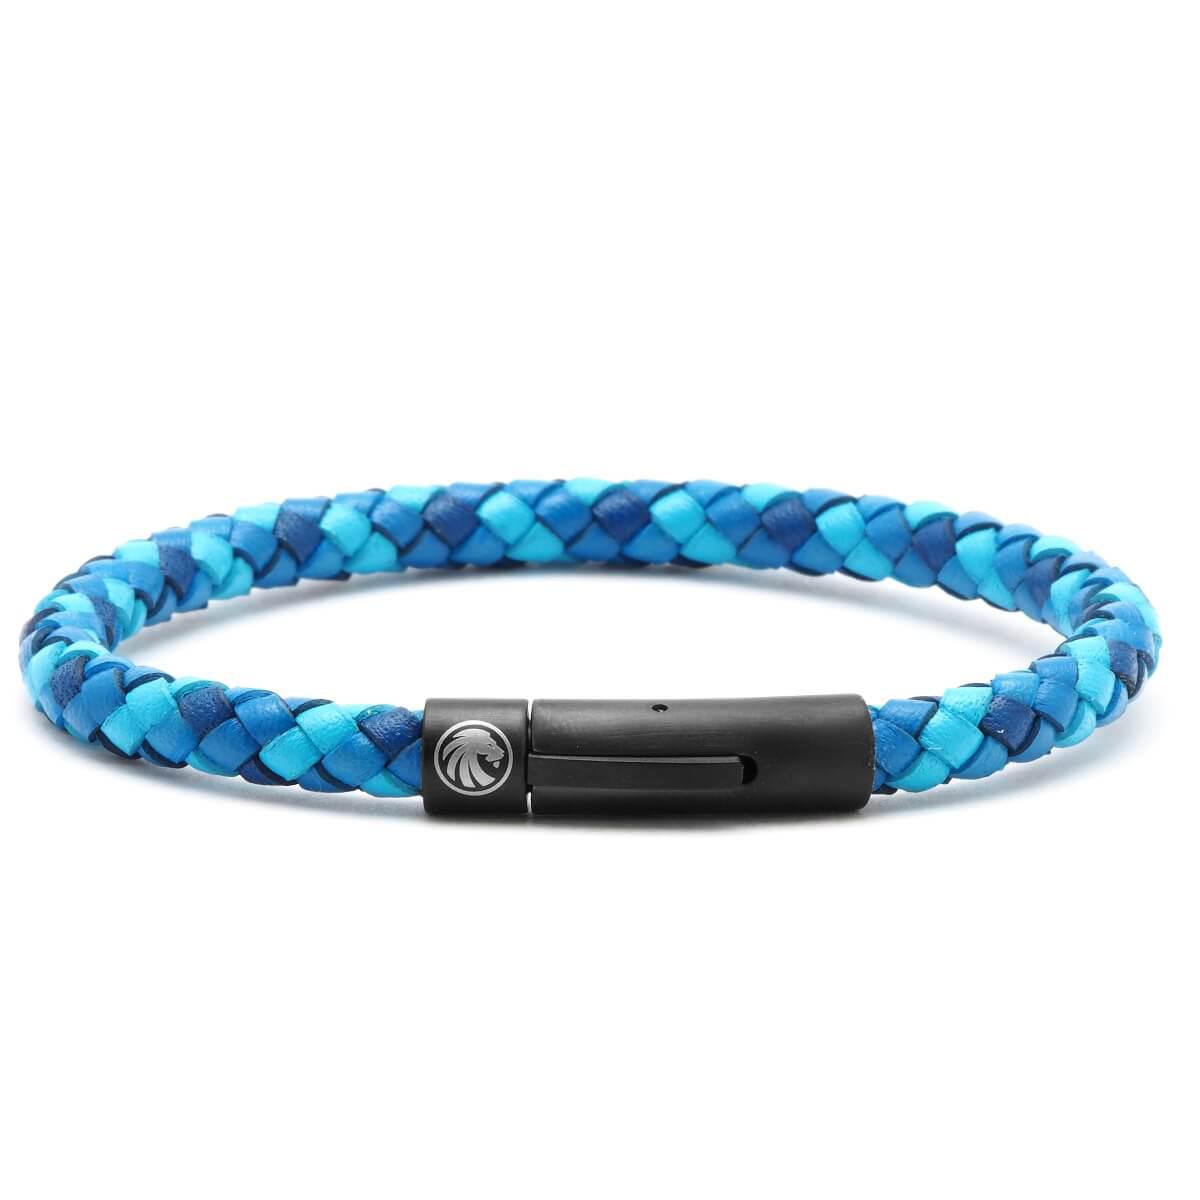 ARROW – Egysoros Kék Fonott Bőr Karkötő